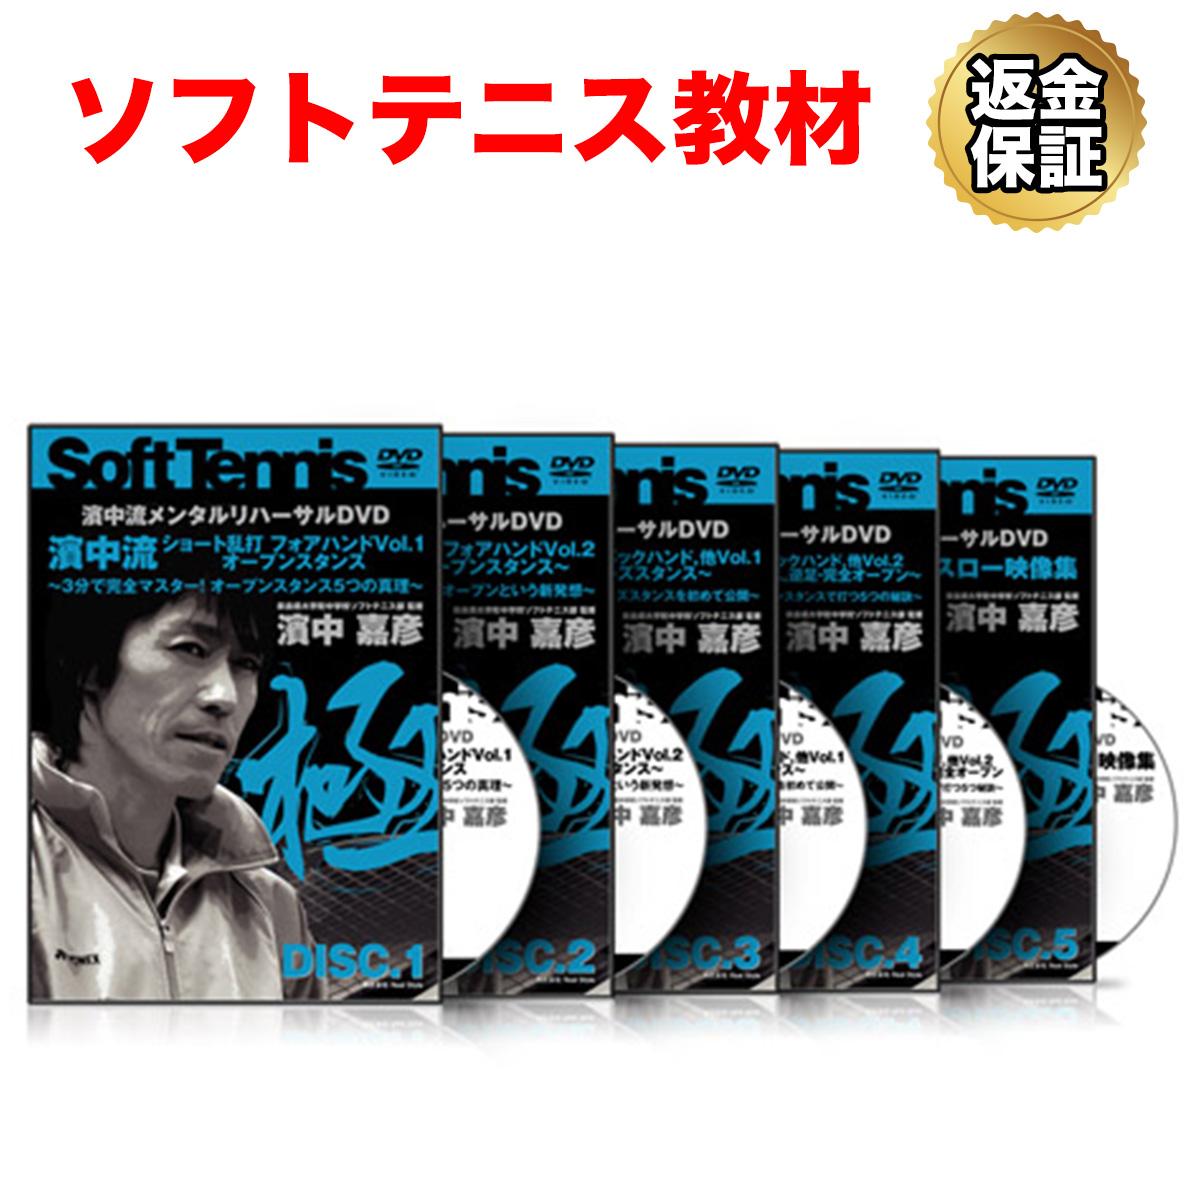 【ソフトテニス】濱中流メンタルリハーサルDVD (ショート乱打) [Disc1-5]